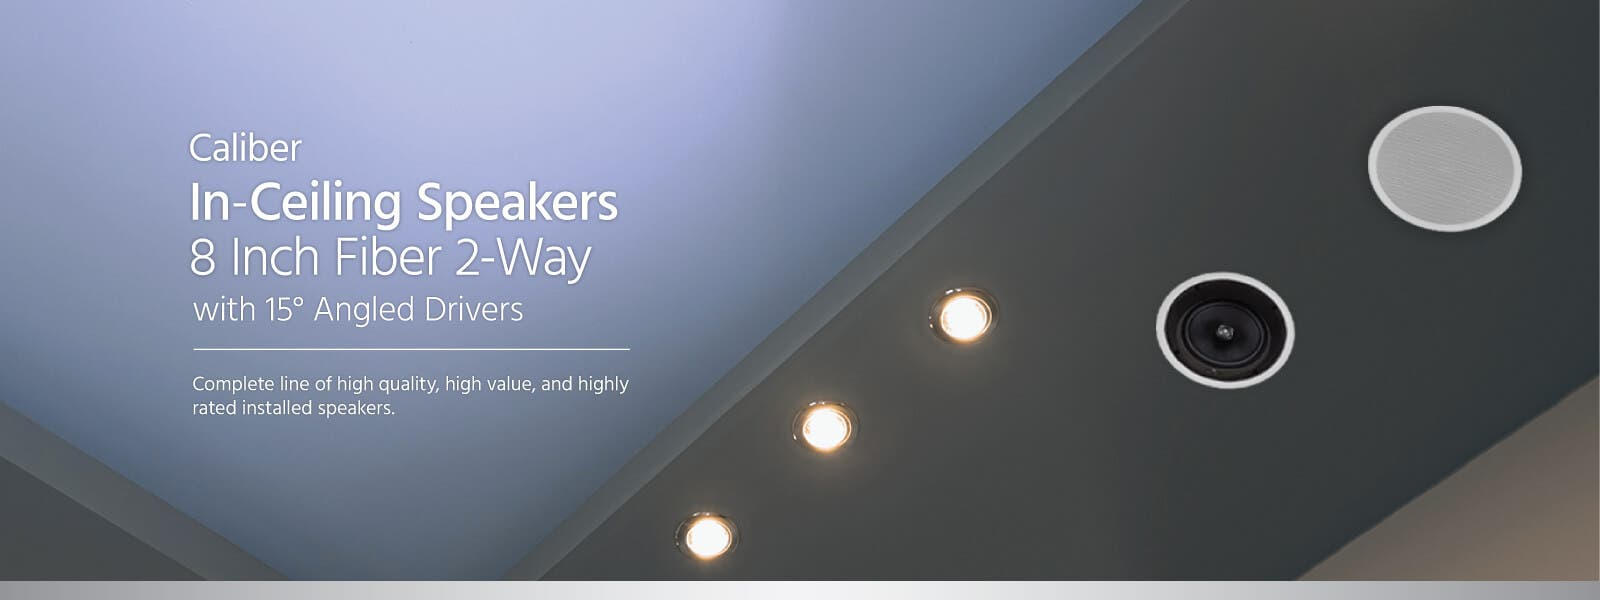 Caliber In-Ceiling Speakers